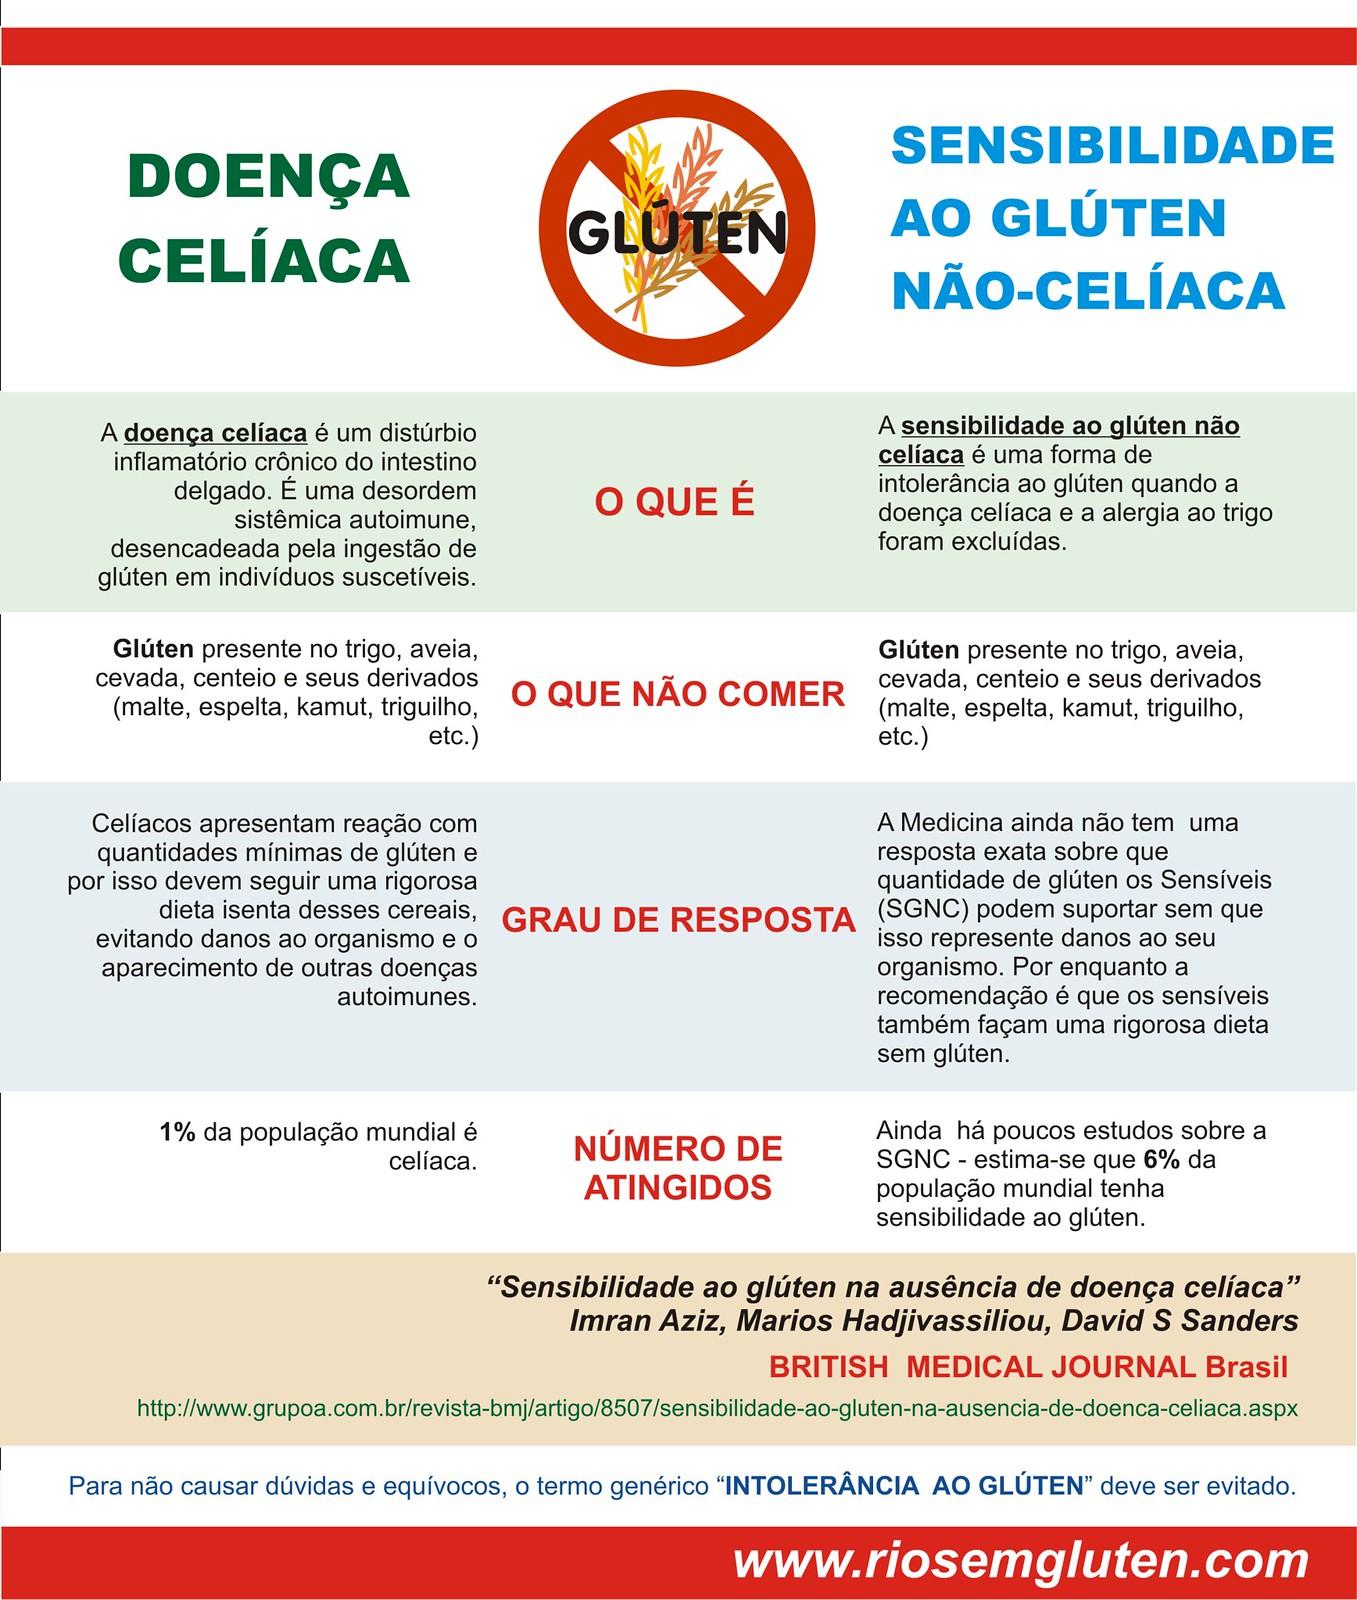 Doença celica x sensibilidade ao glúten